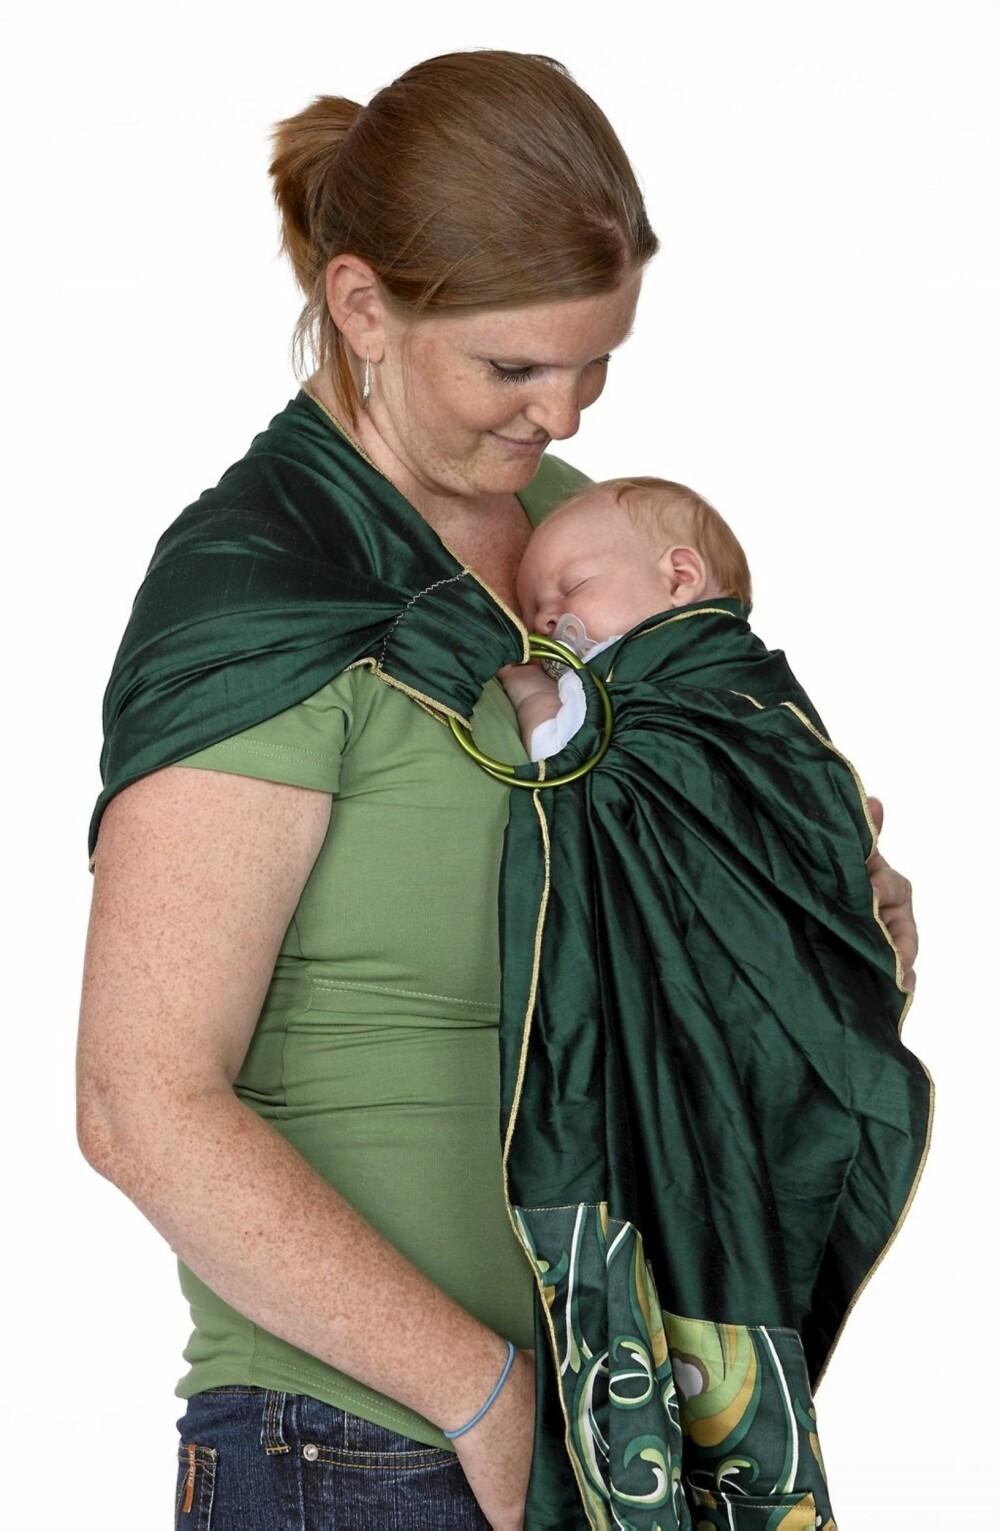 HVORDAN BÆRE BABYEN: Mamma Siri bruker ofte ringslynge når hun skal bære Isak.